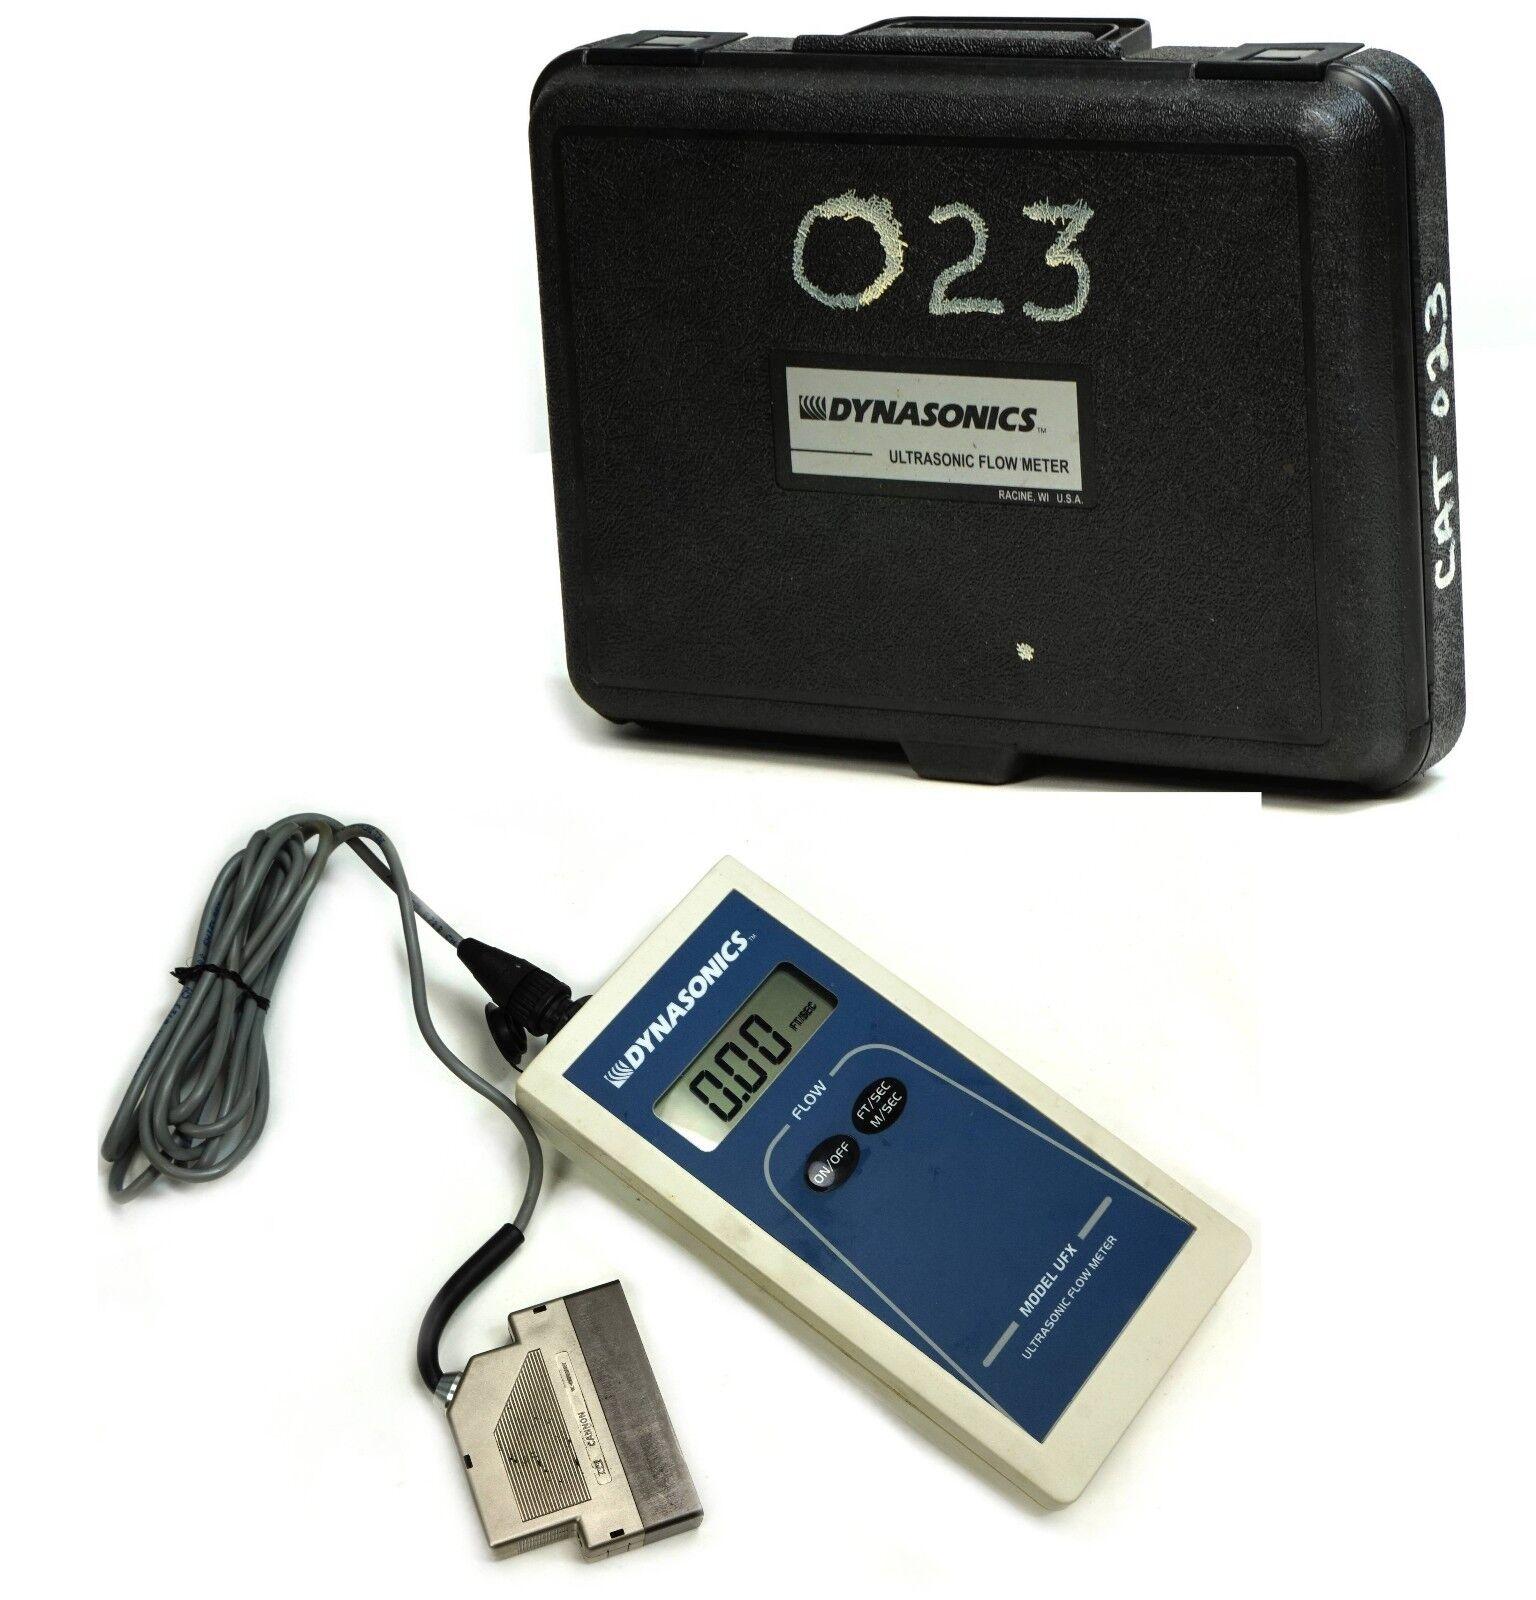 oppler flow meter, Dynasonics, ultrasonic flow meter